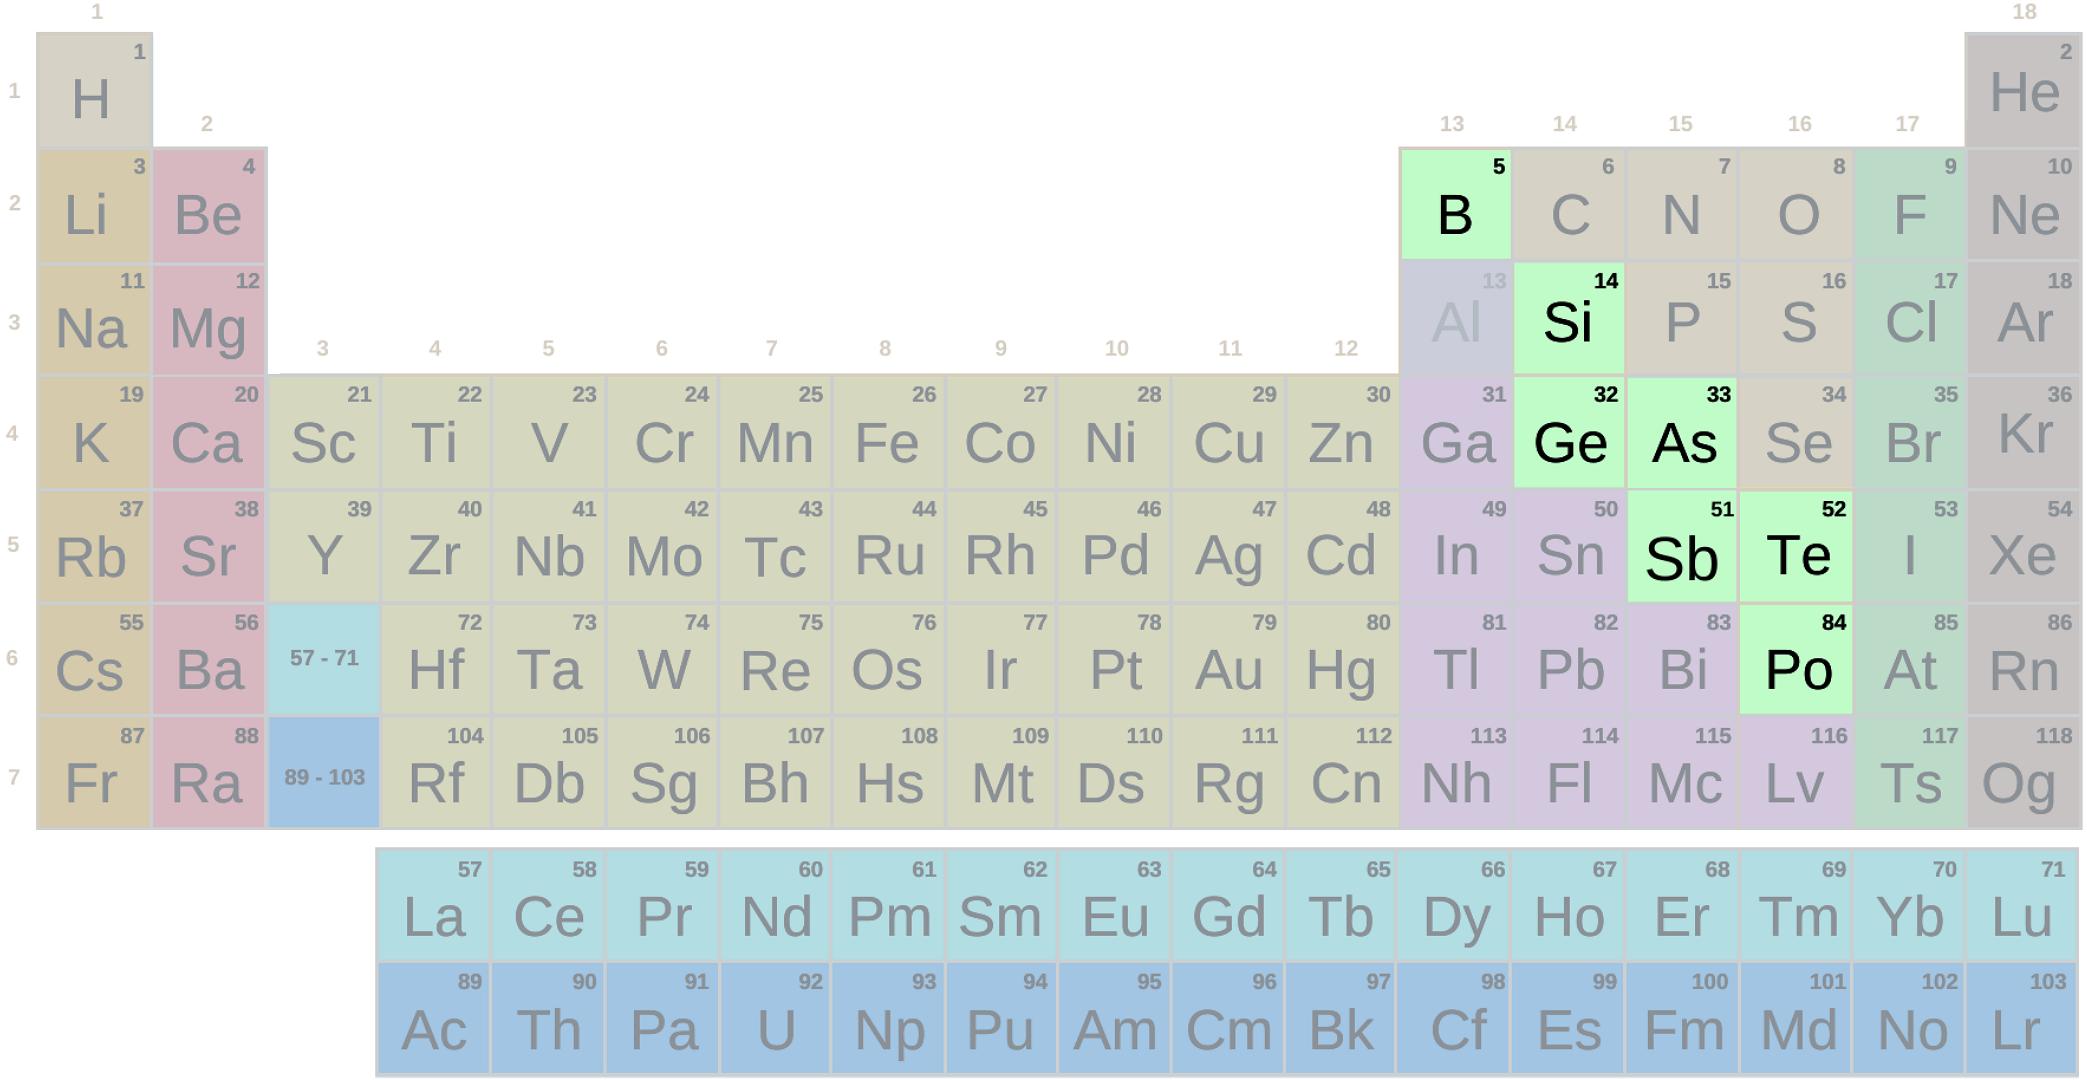 Taula periodikoa, sinbolodun metaloide-taldea (Bigarren Hezkuntza - Batxilergoa)